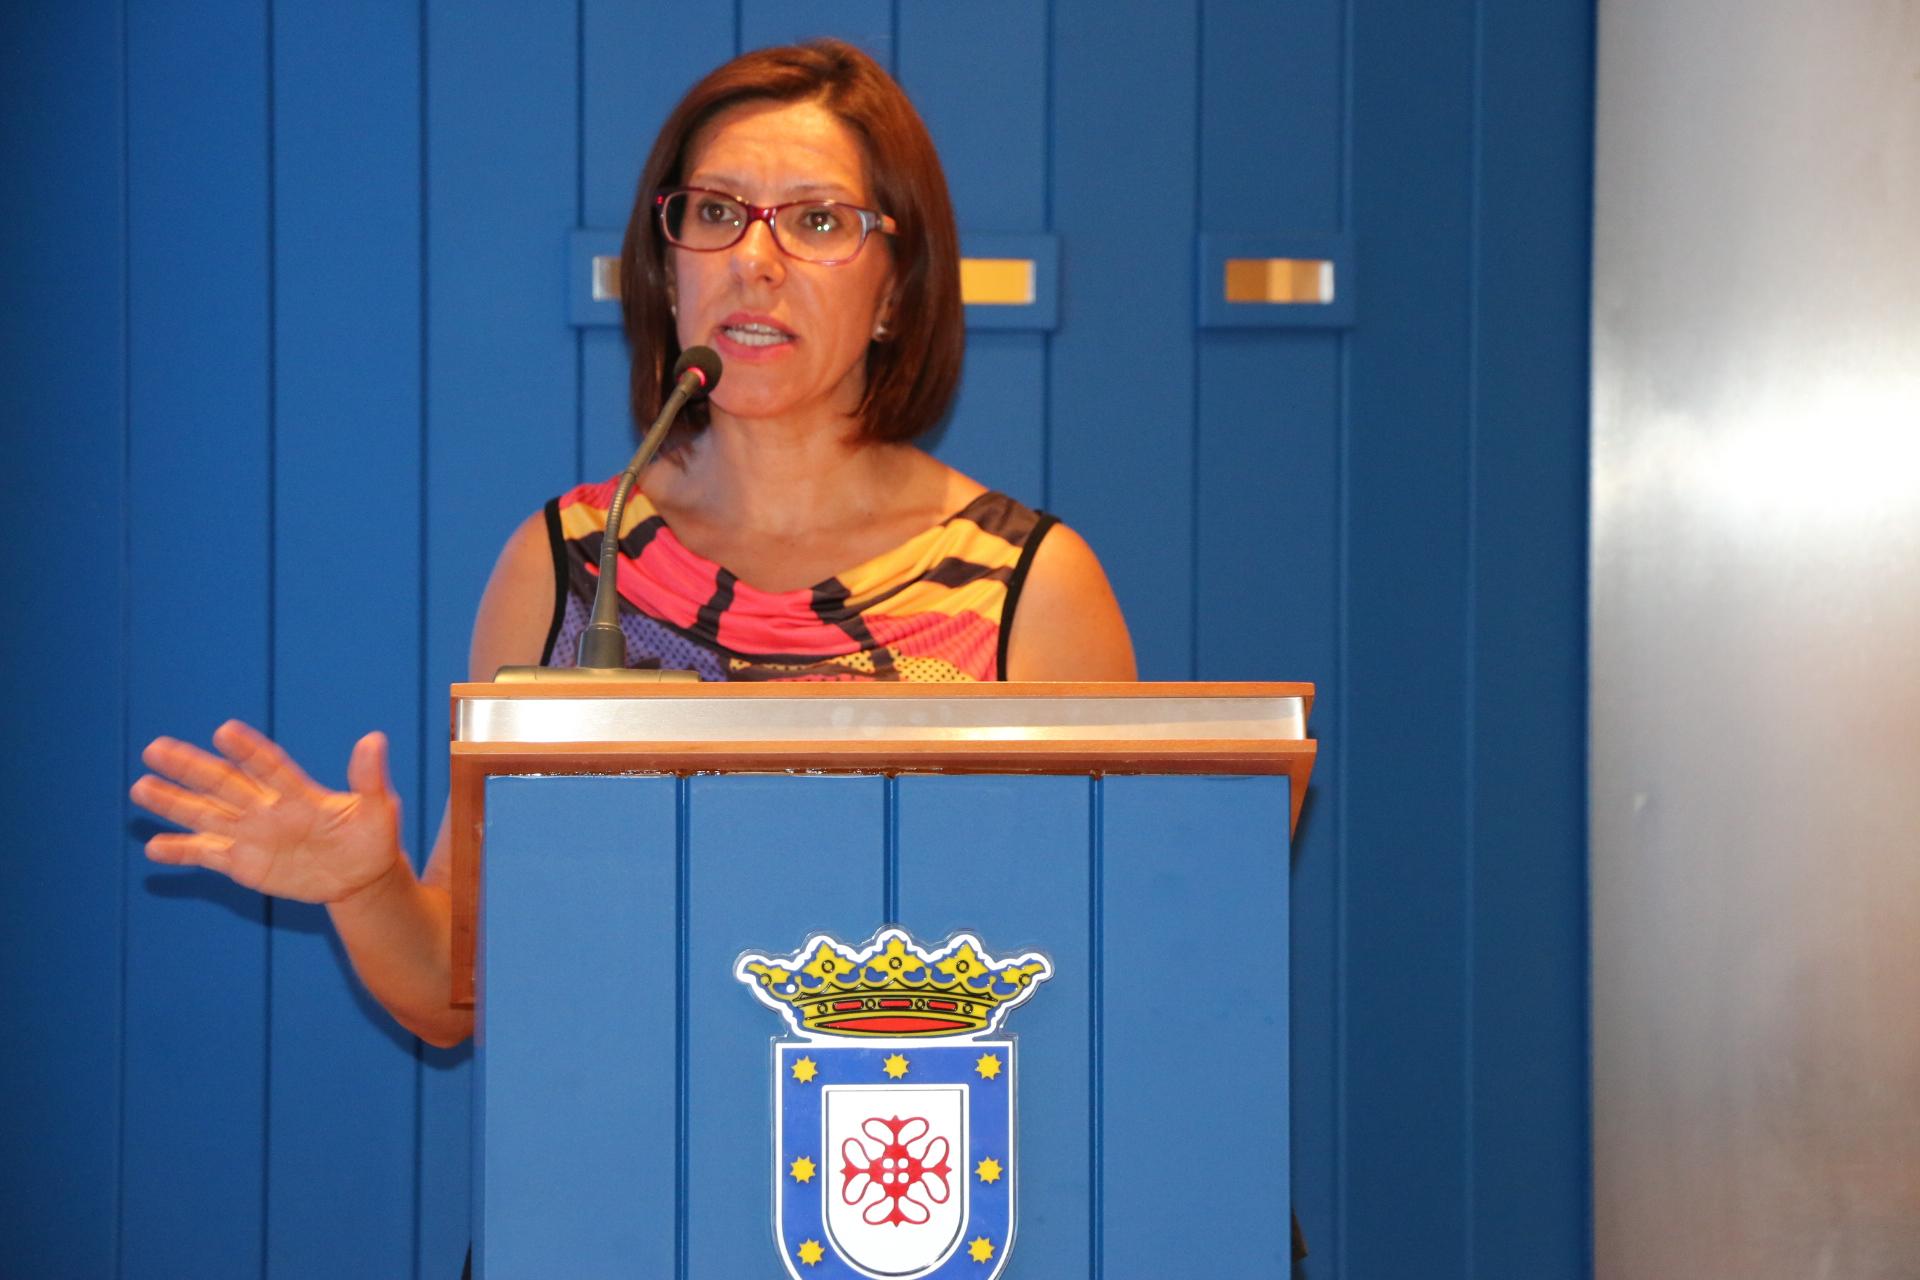 Abierto el plazo para solicitar las becas escolares en Miguelturra